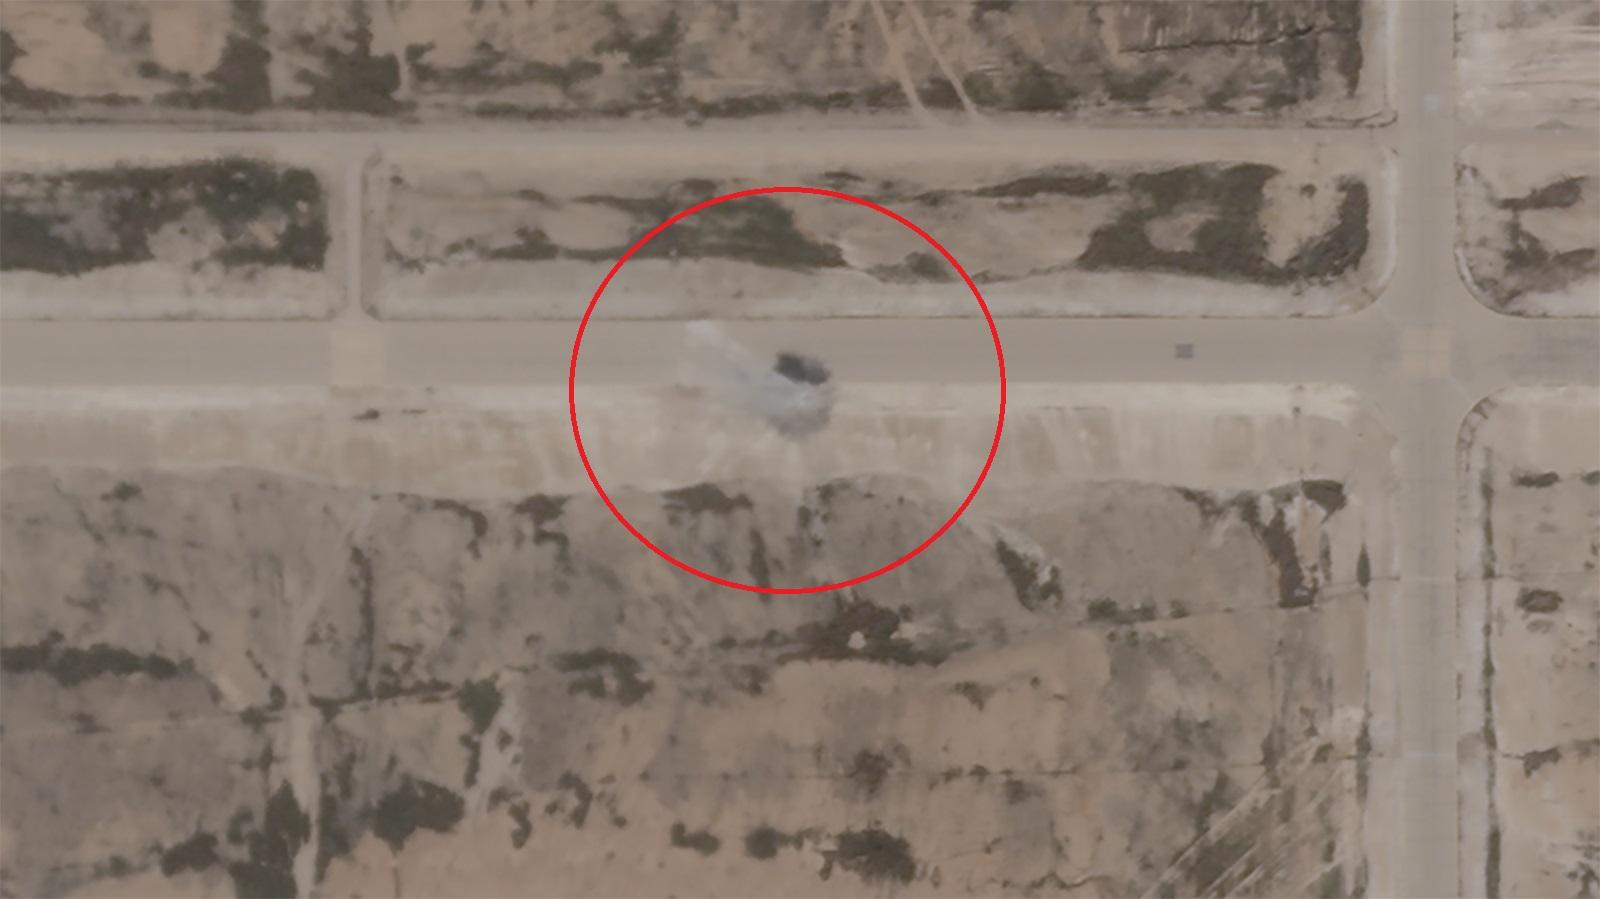 عاجل ايران تقصف قاعدتين في العراق يوجد بها جنود امريكيين واستنفار كبير في اسرائيل  - صفحة 3 C0aeabbc-3b5e-41ad-a5b7-c620c84b56b2